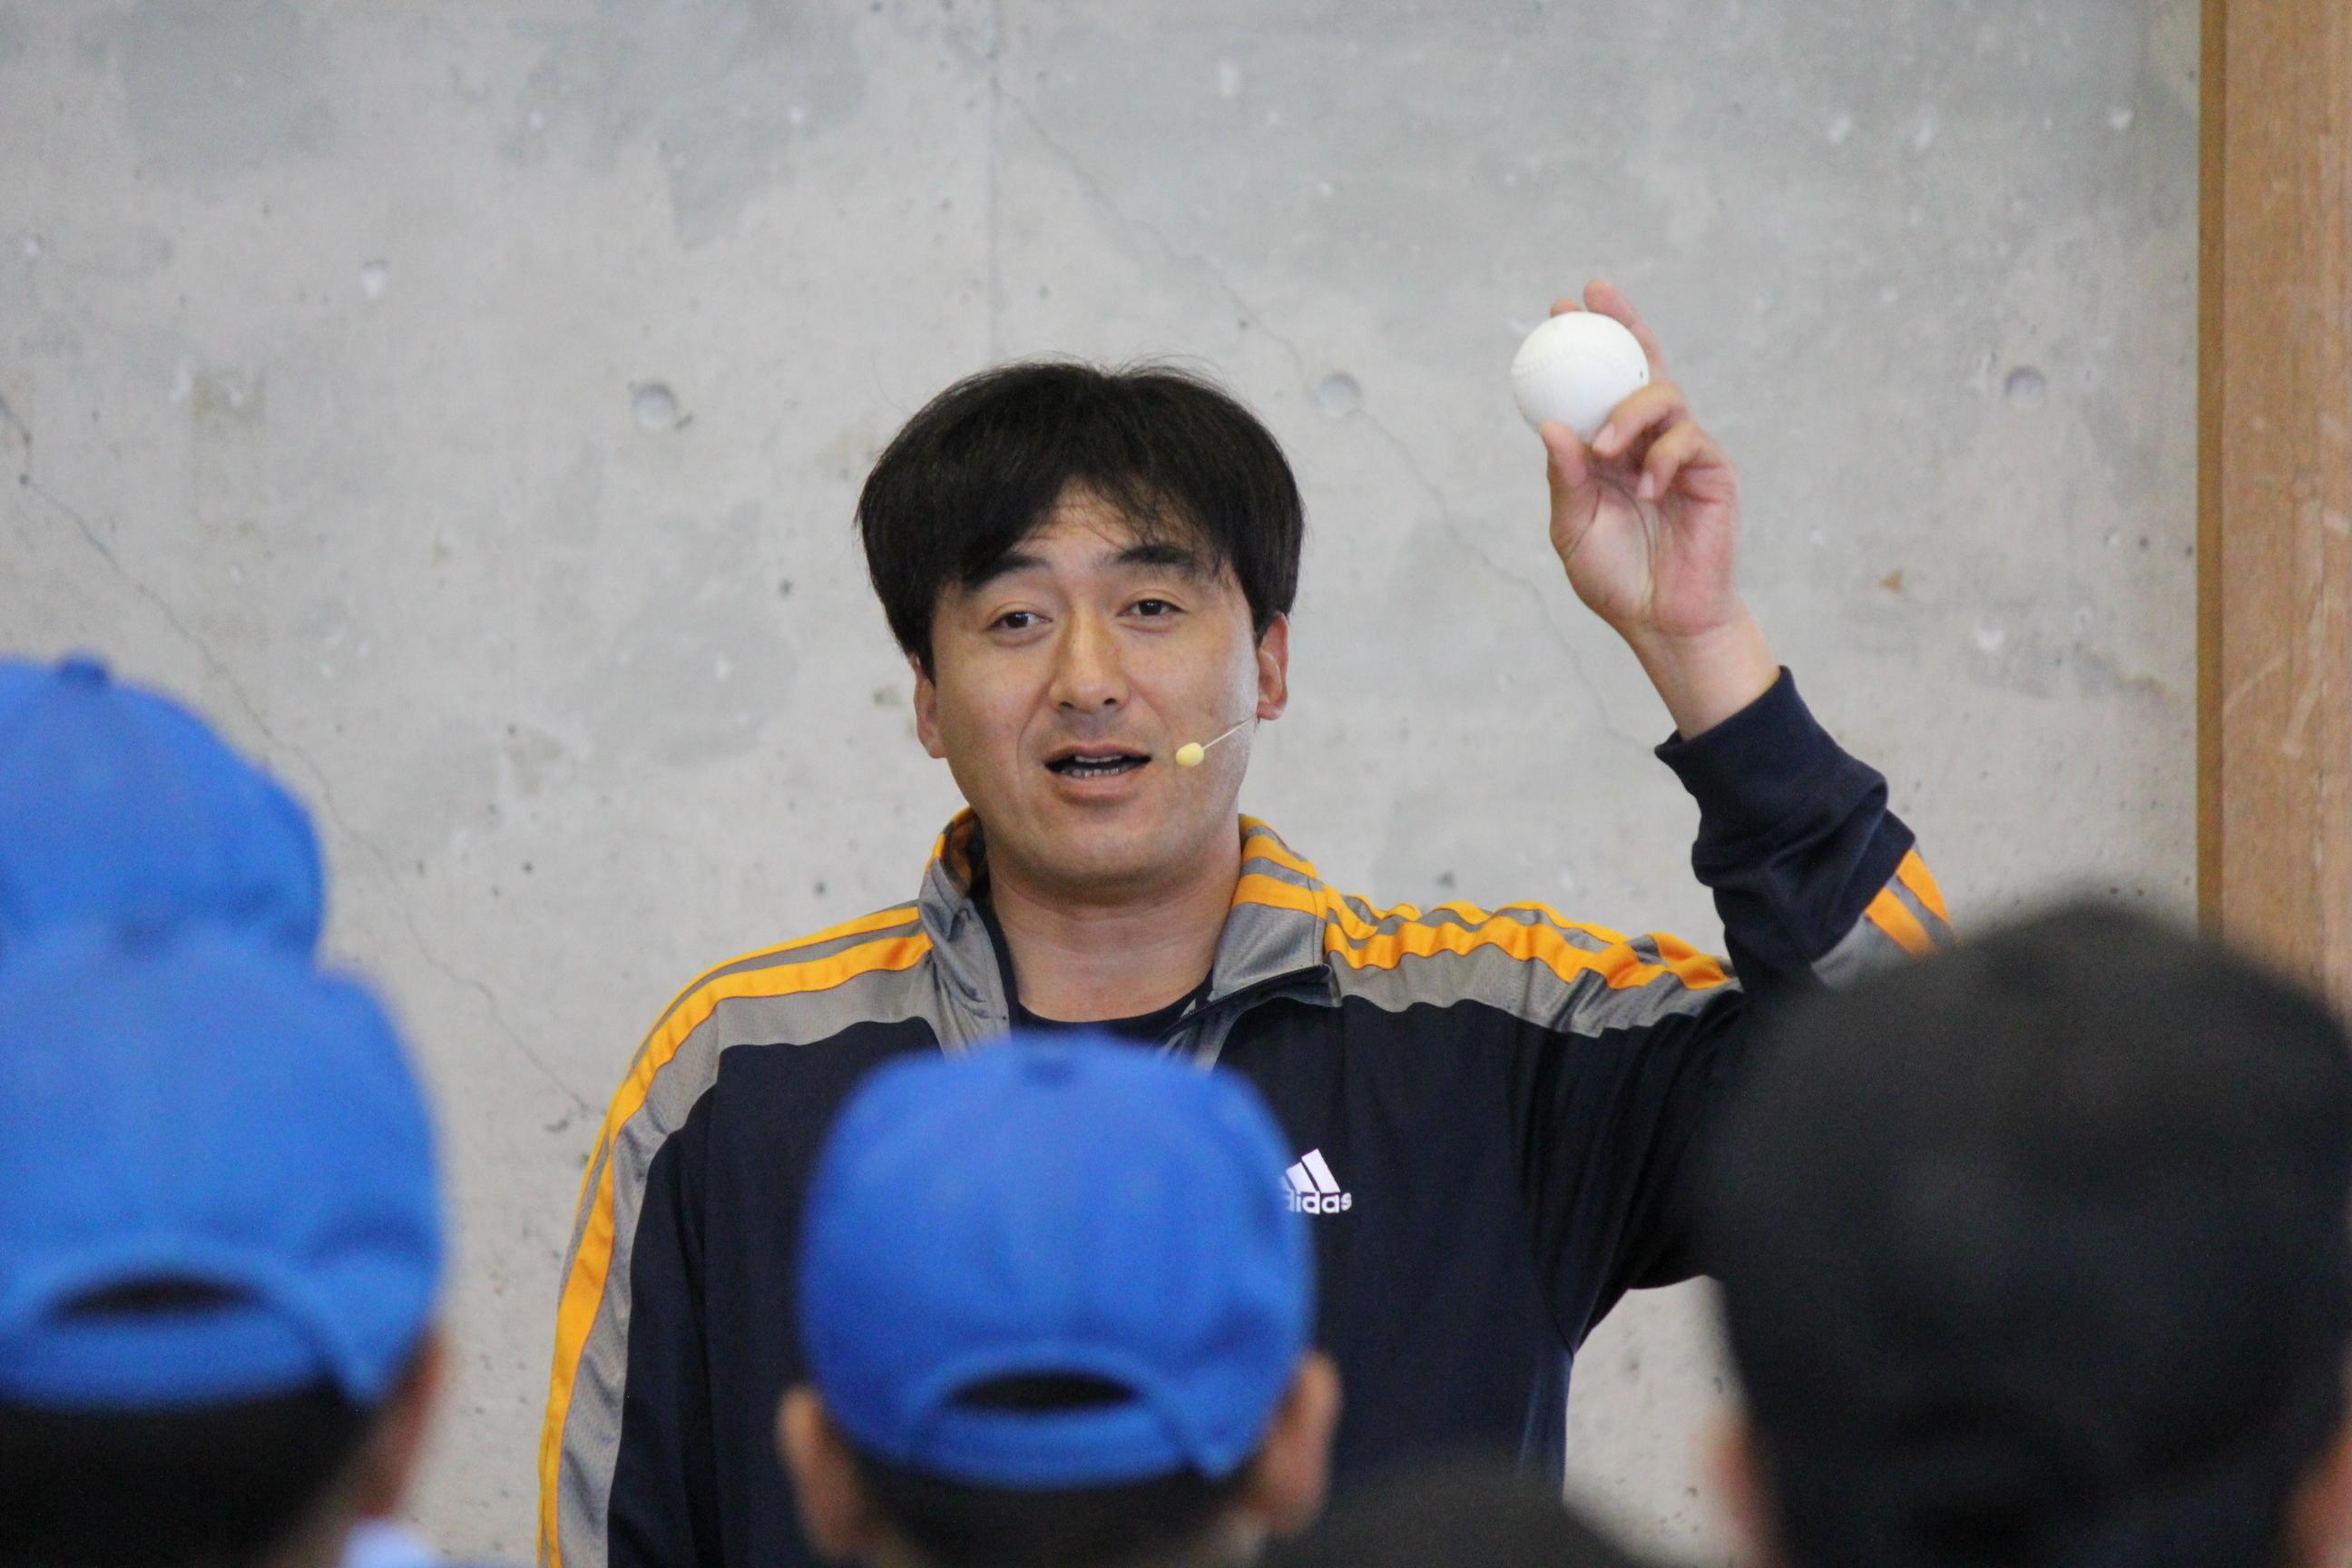 http://news.yoshimoto.co.jp/20170314191110-9aac42a204632669b65d2541787034a742741c2a.jpg